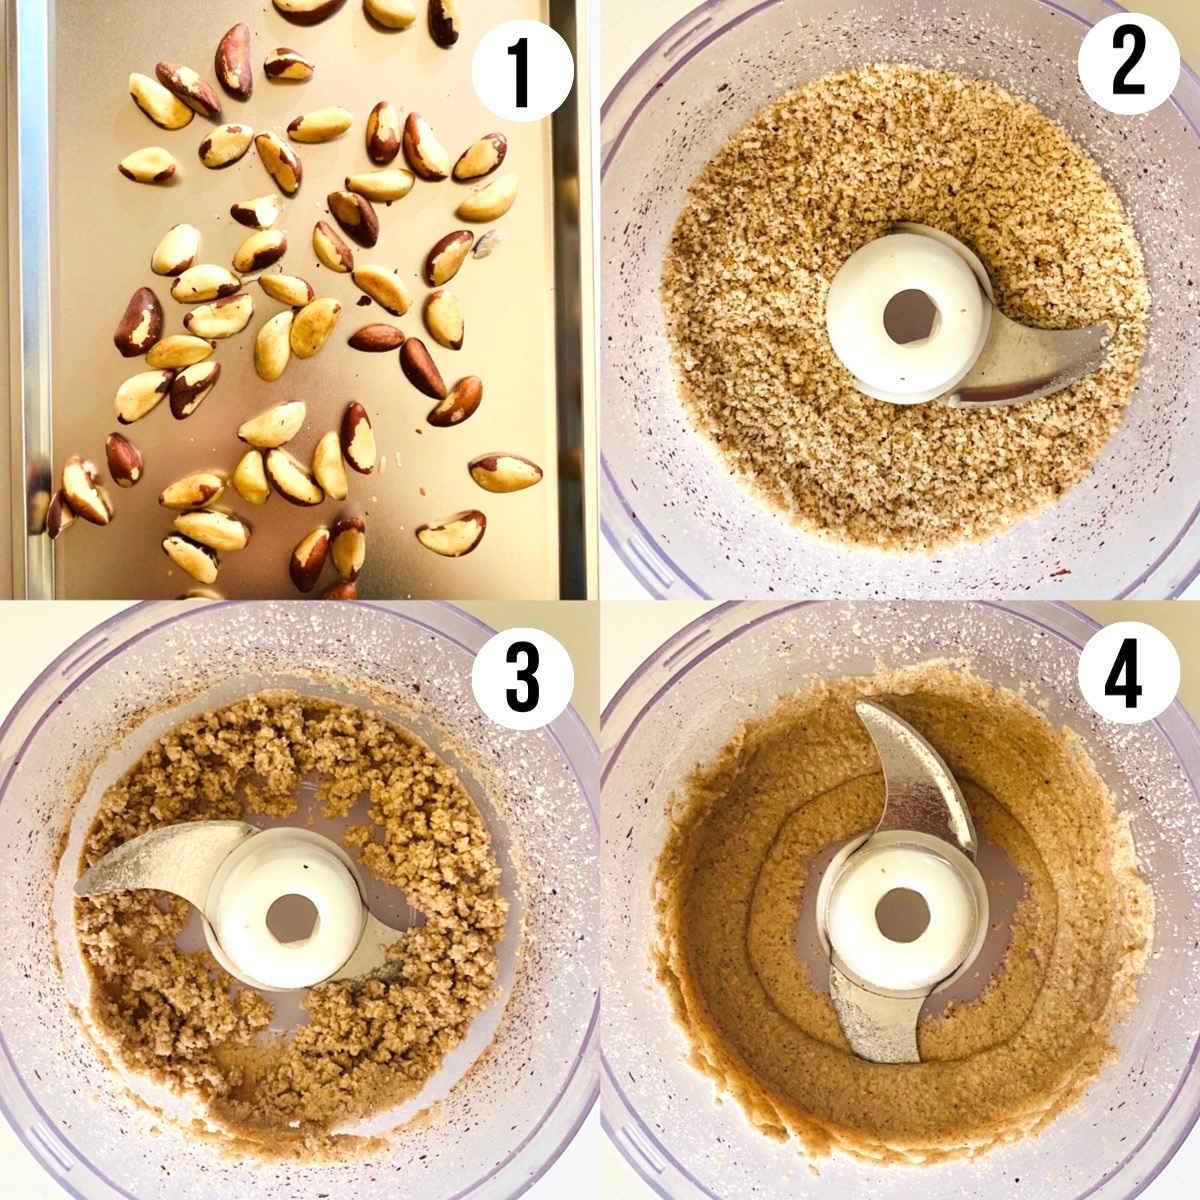 brazil nut butter process shot steps 1 through 4